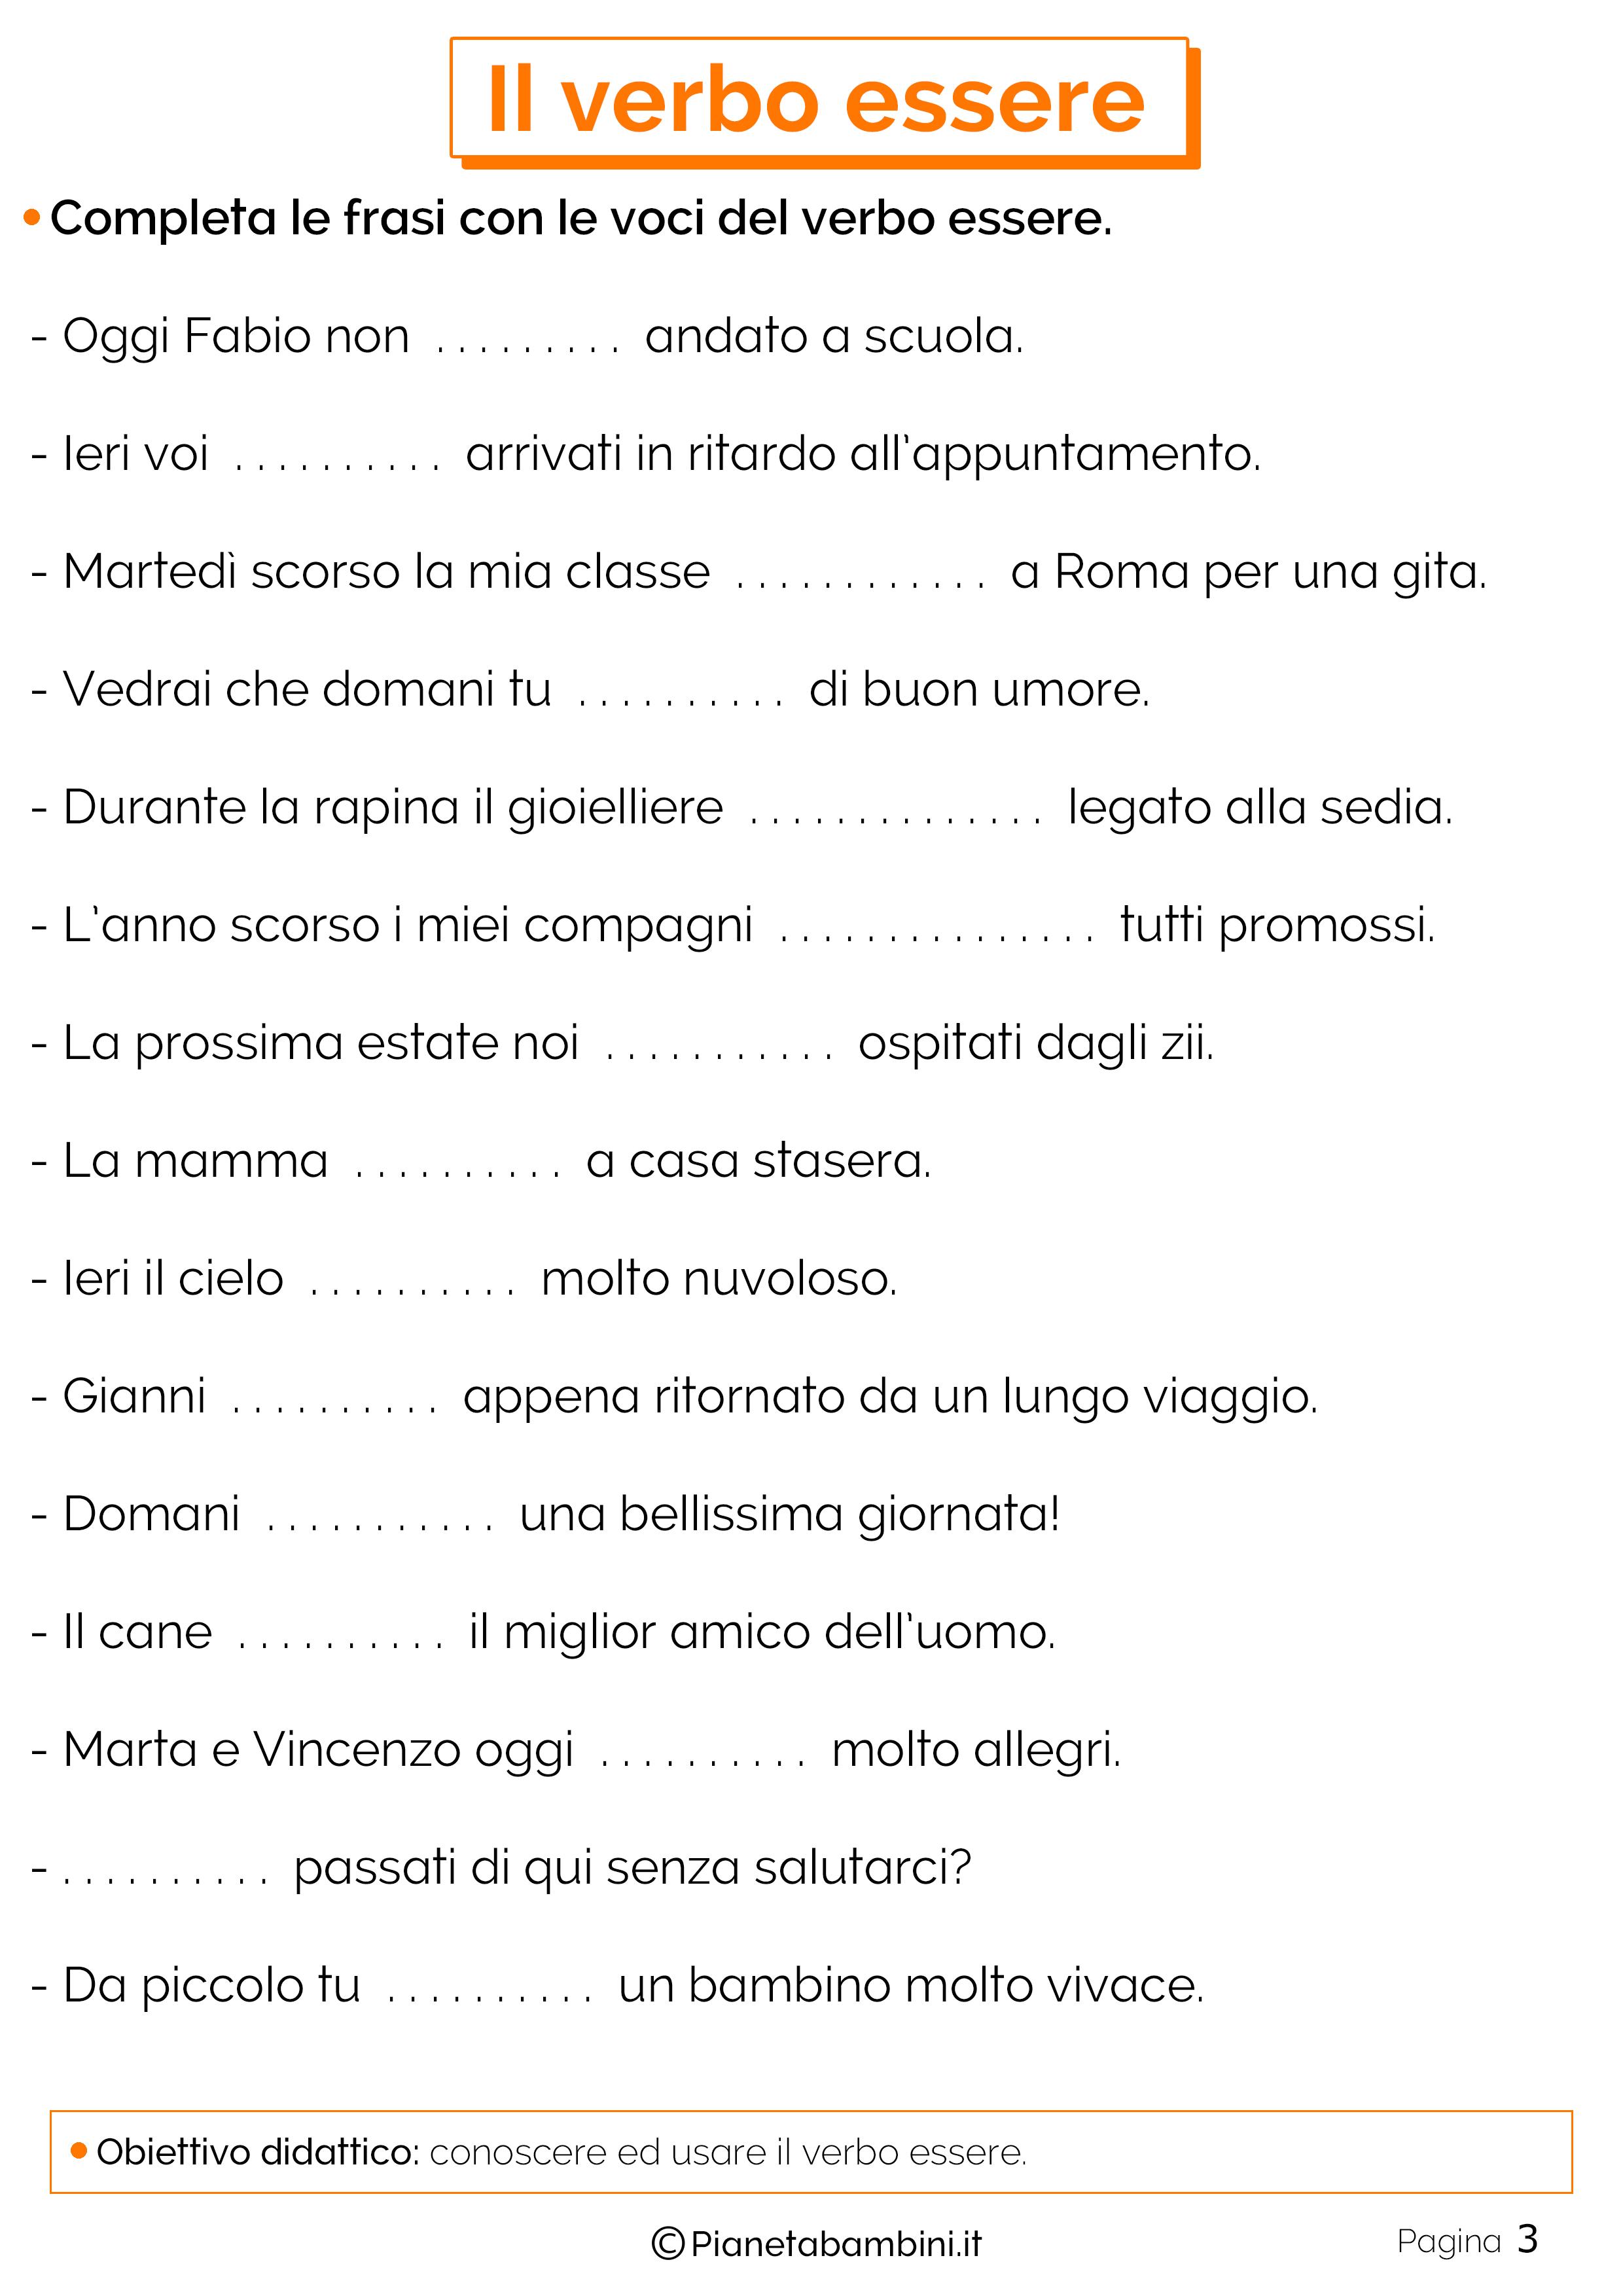 Schede didattiche sul verbo Essere 3